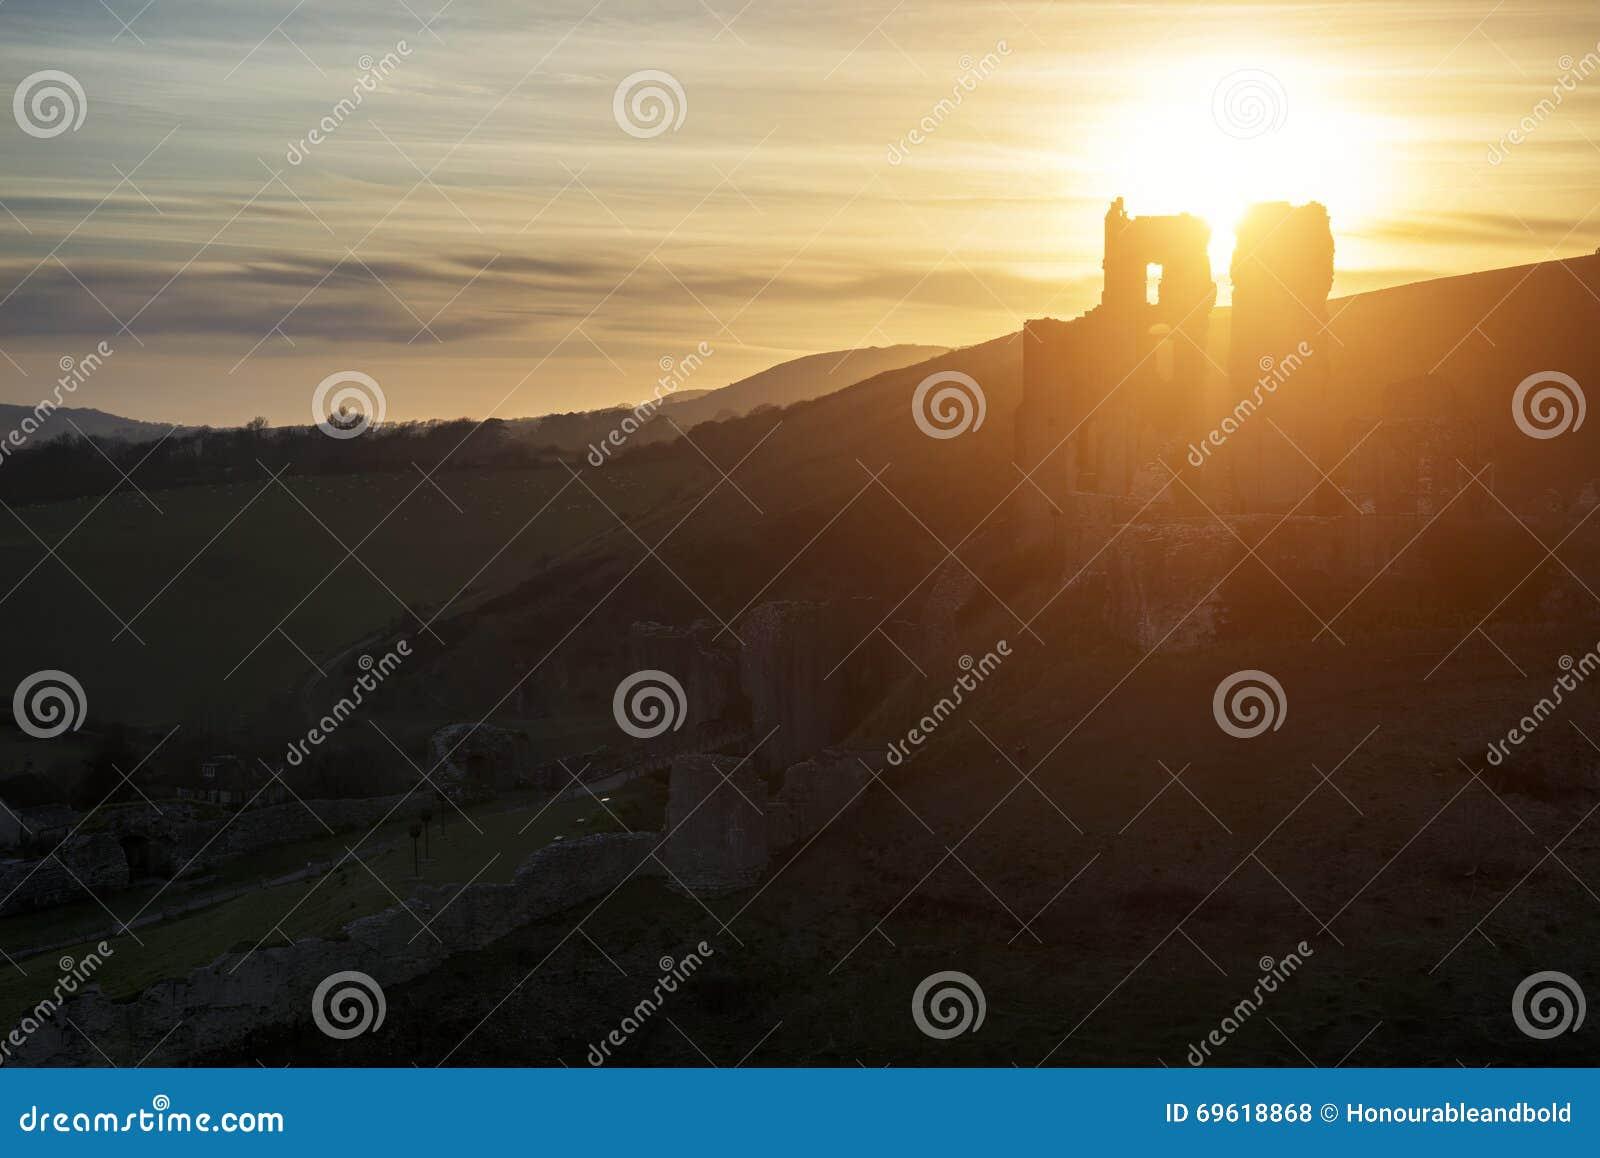 Landschapsbeeld van de mooie ruïnes van het fairytalekasteel tijdens beaut